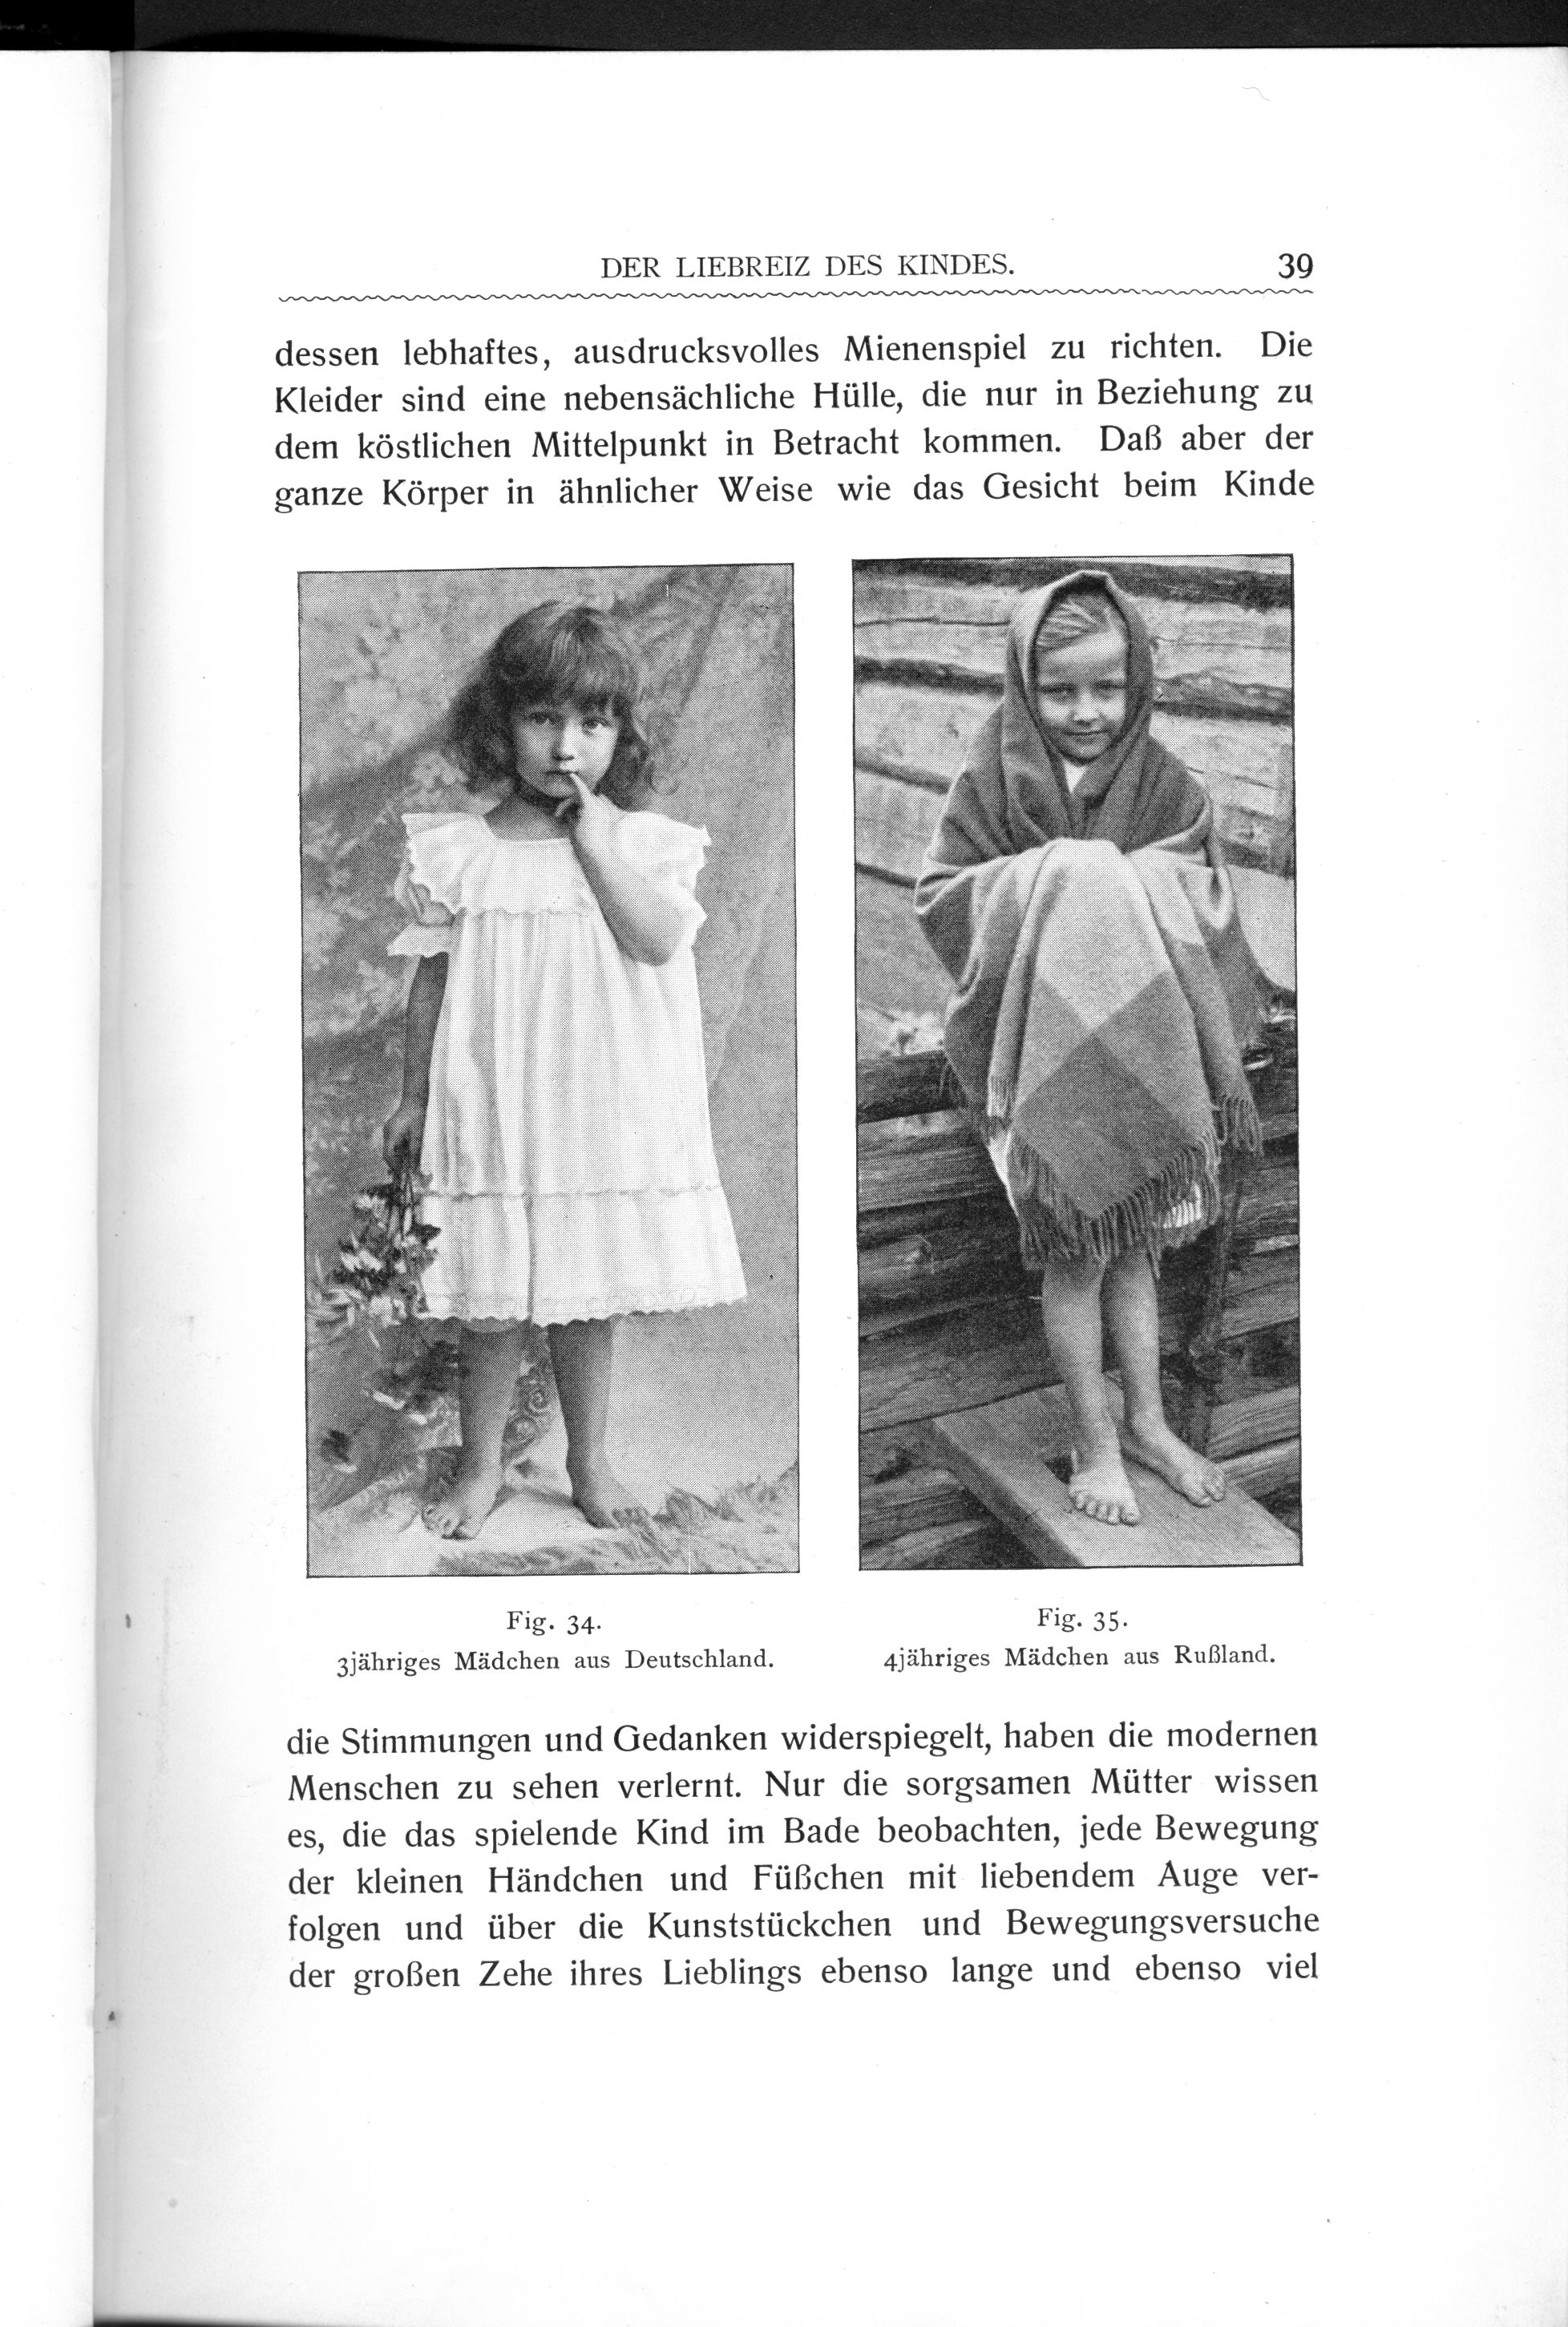 File:Stratz Körper des Kindes 3 039.jpg - Wikimedia Commons